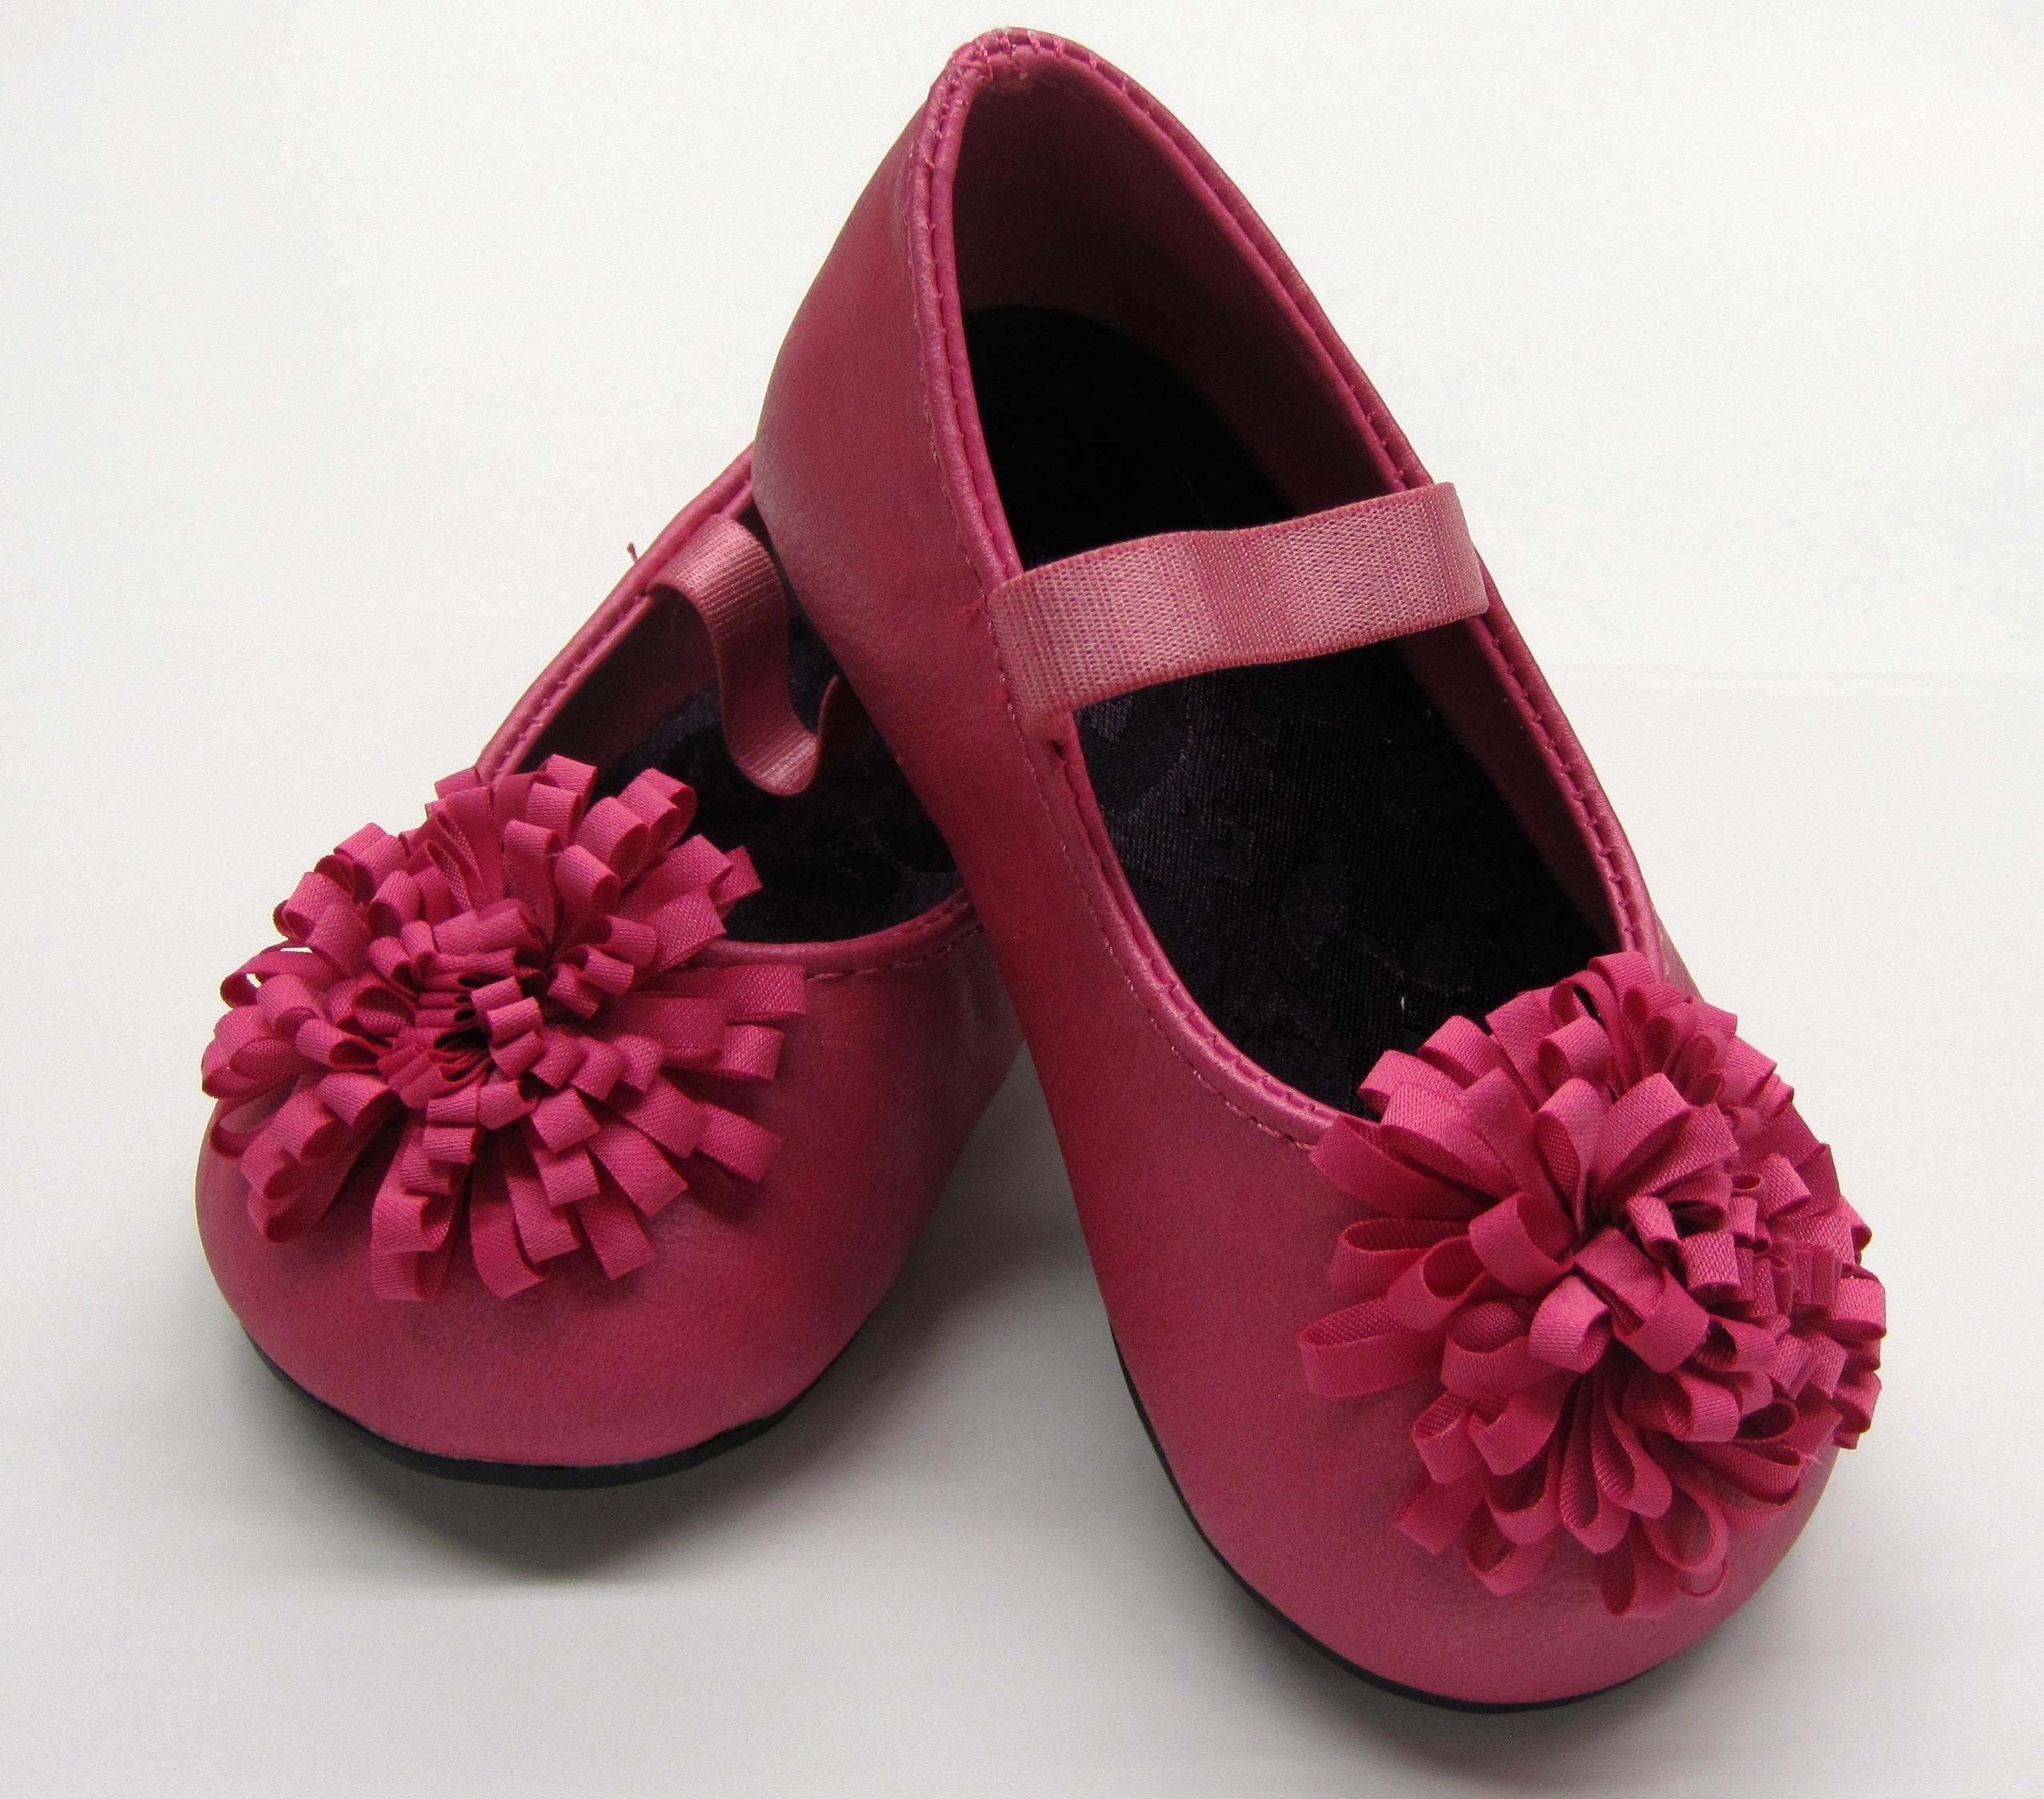 Hot Pink Ballet Flat